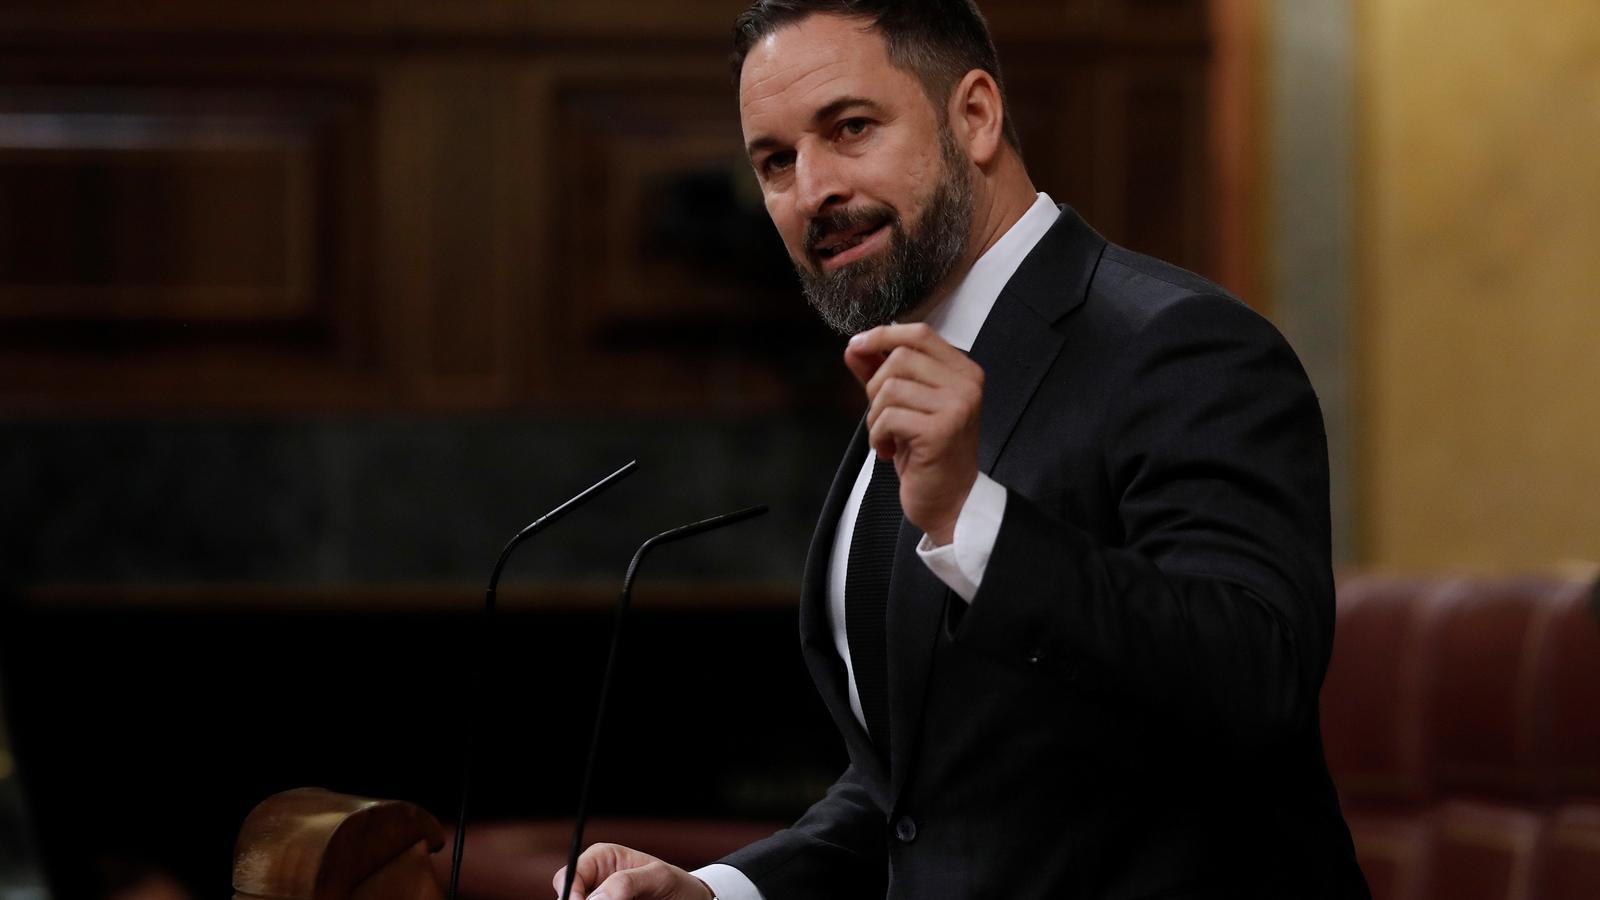 El líder de Vox, Santiago Abascal, durant el debat de pròrroga de l'estat d'alarma al Congrés.